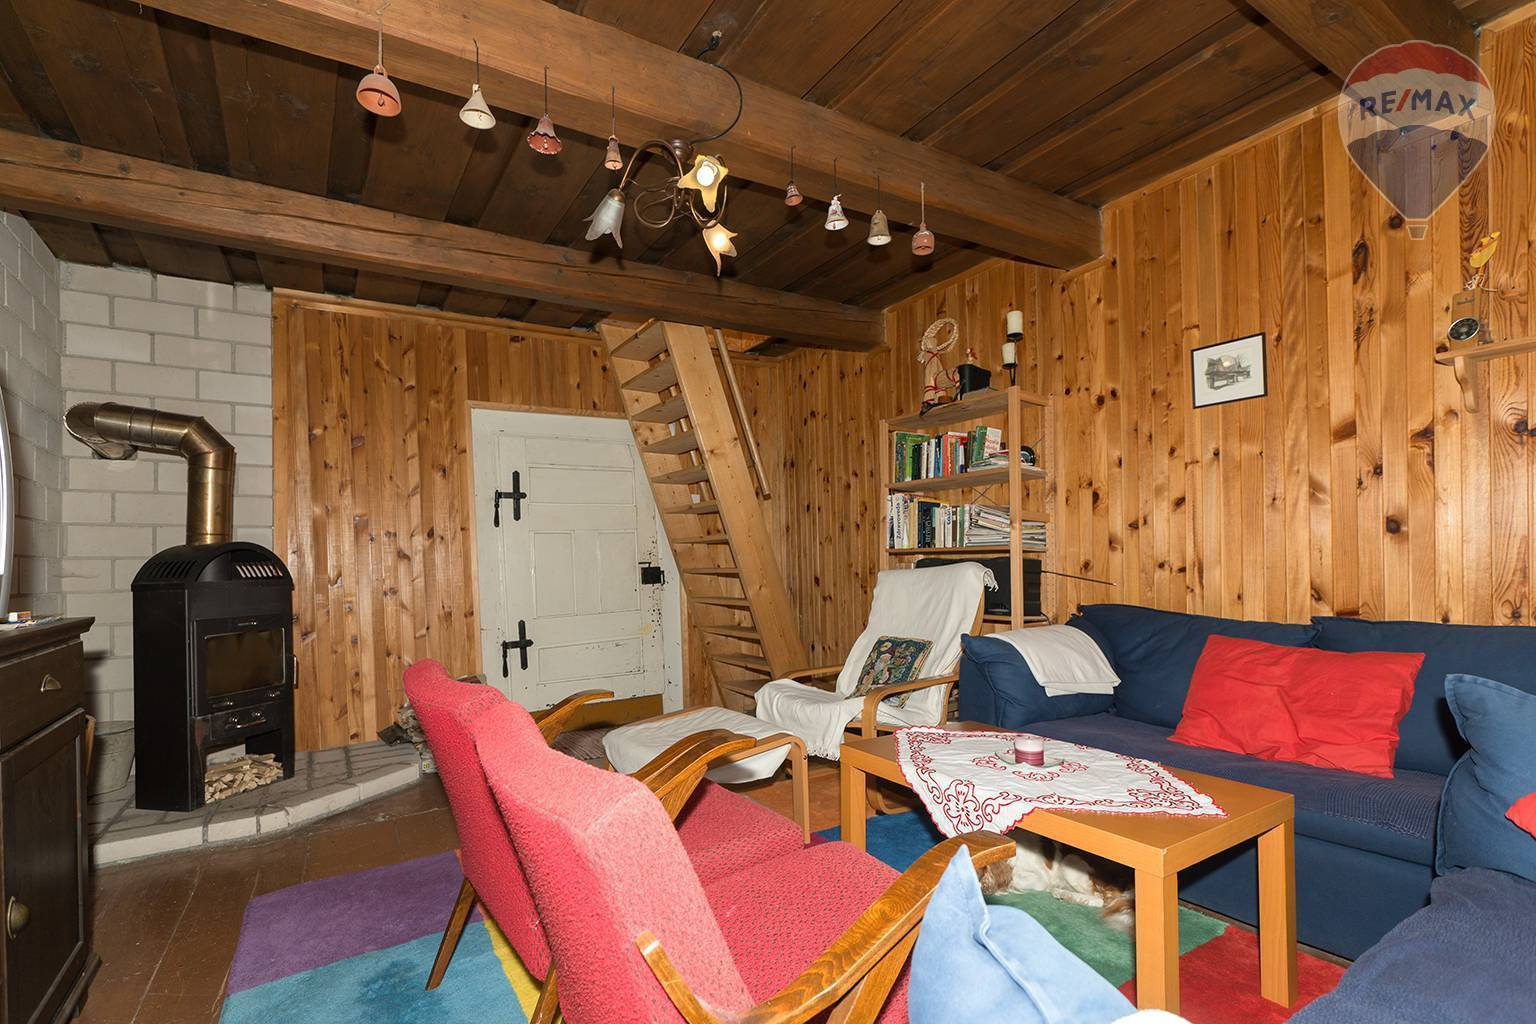 Predaj chaty 115 m2, Nižná Boca - spoločenská miestnosť